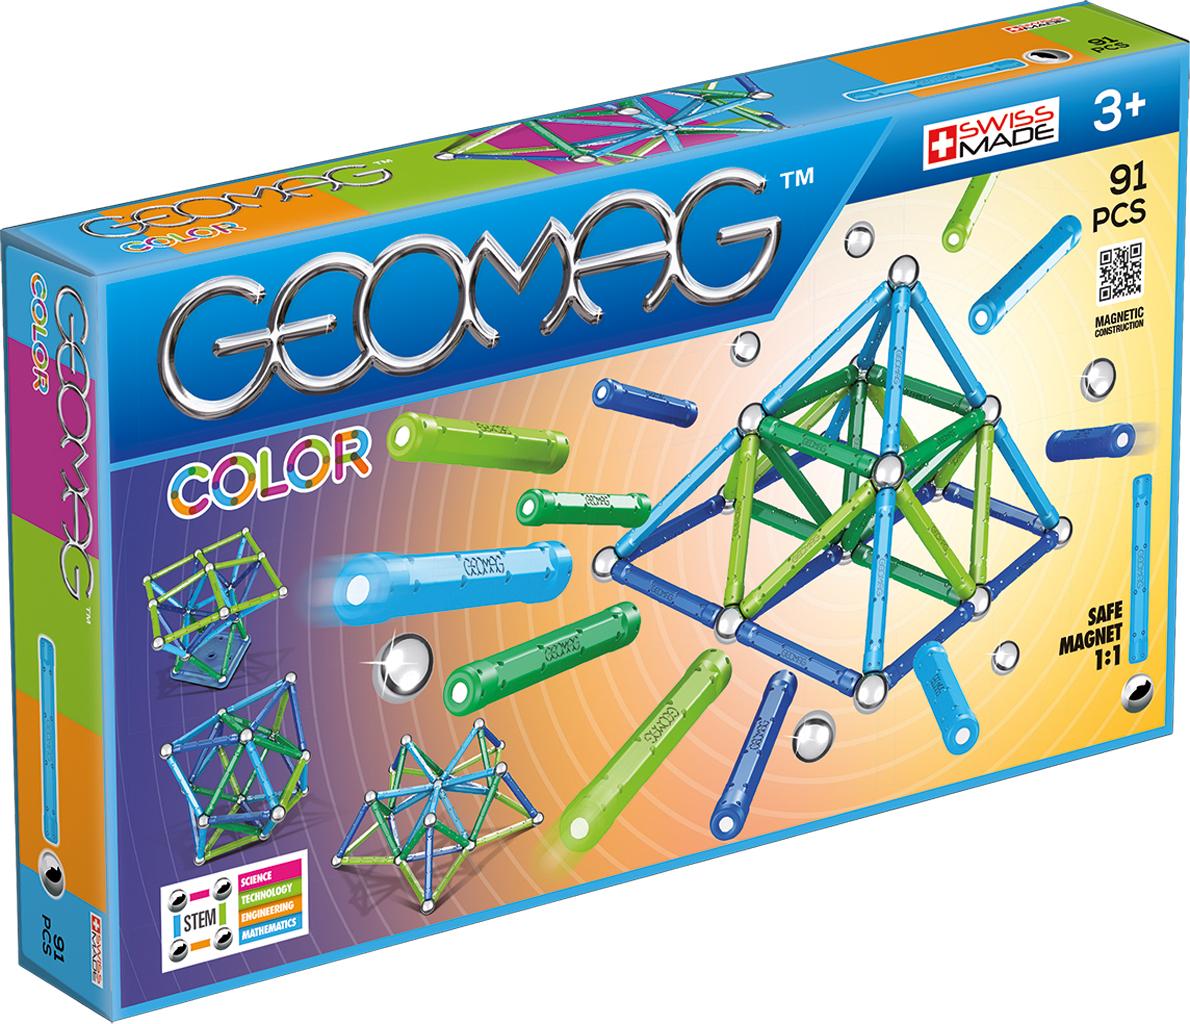 Geomag Конструктор магнитный Color 91 элемент geomag конструктор магнитный mechanics 164 элемента